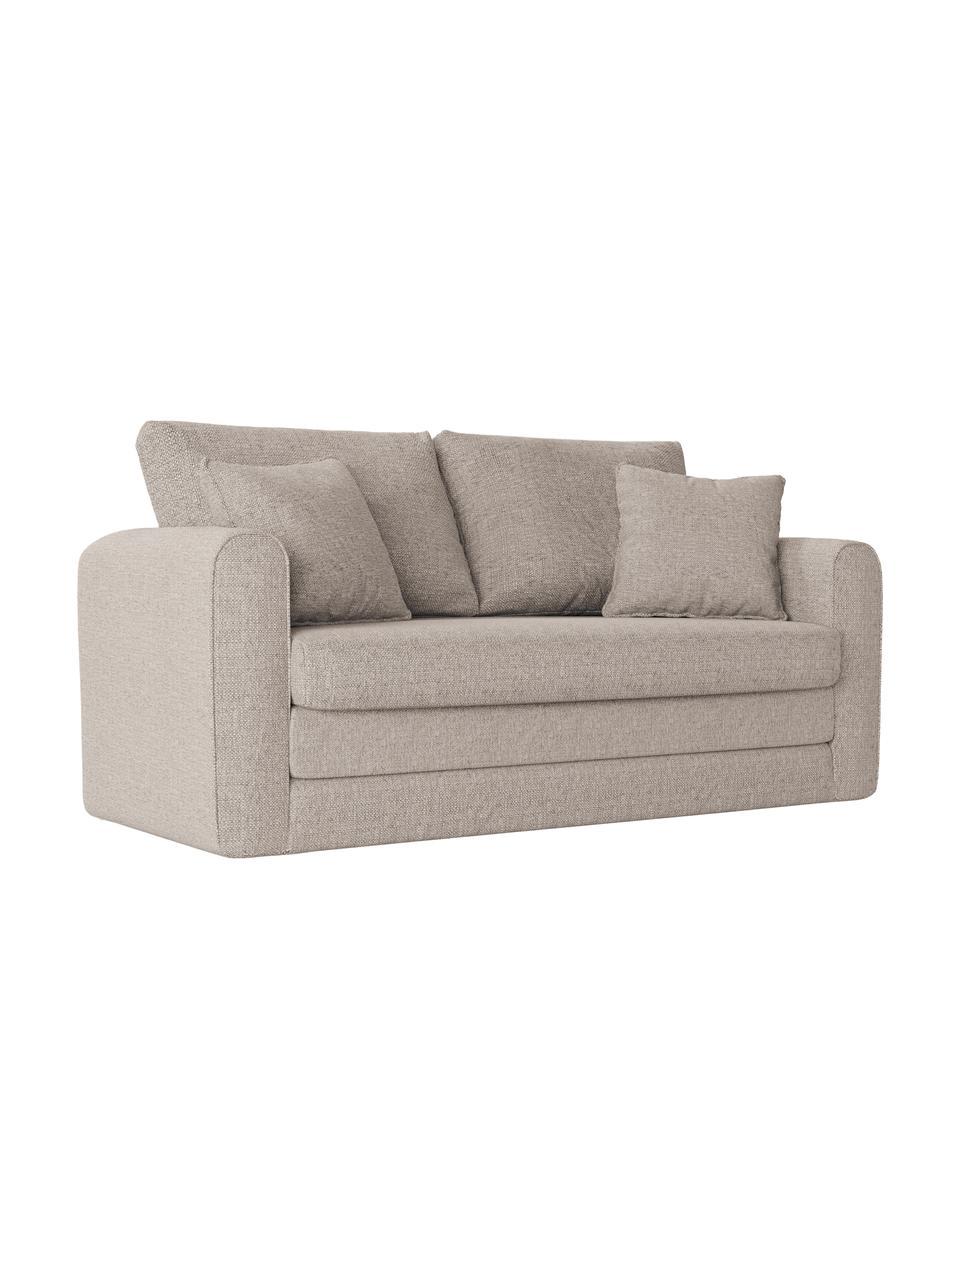 Sofa rozkładana Lido (2-osobowa), Tapicerka: poliester imitujący len D, Nogi: tworzywo sztuczne, Jasny szary, S 158 x G 69 cm